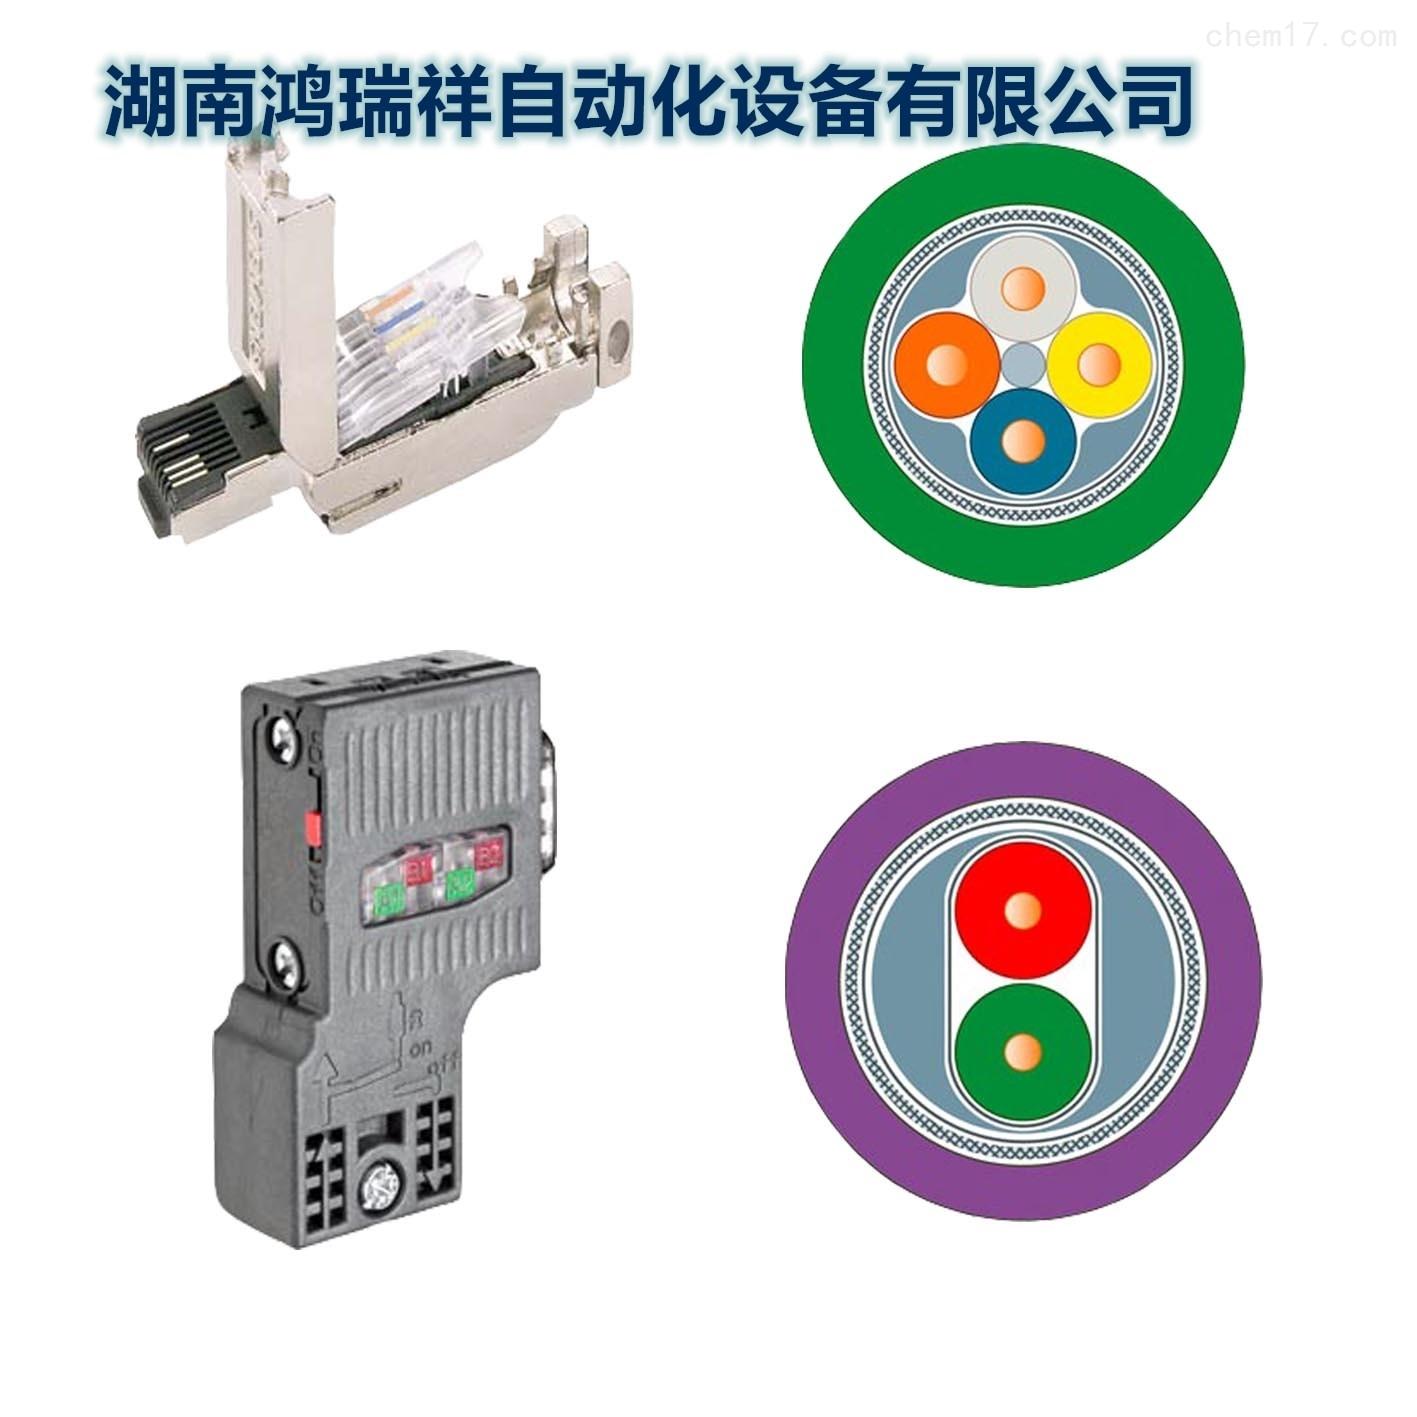 供應西門子6ES7972-0BA12-0XA0連接器代理商